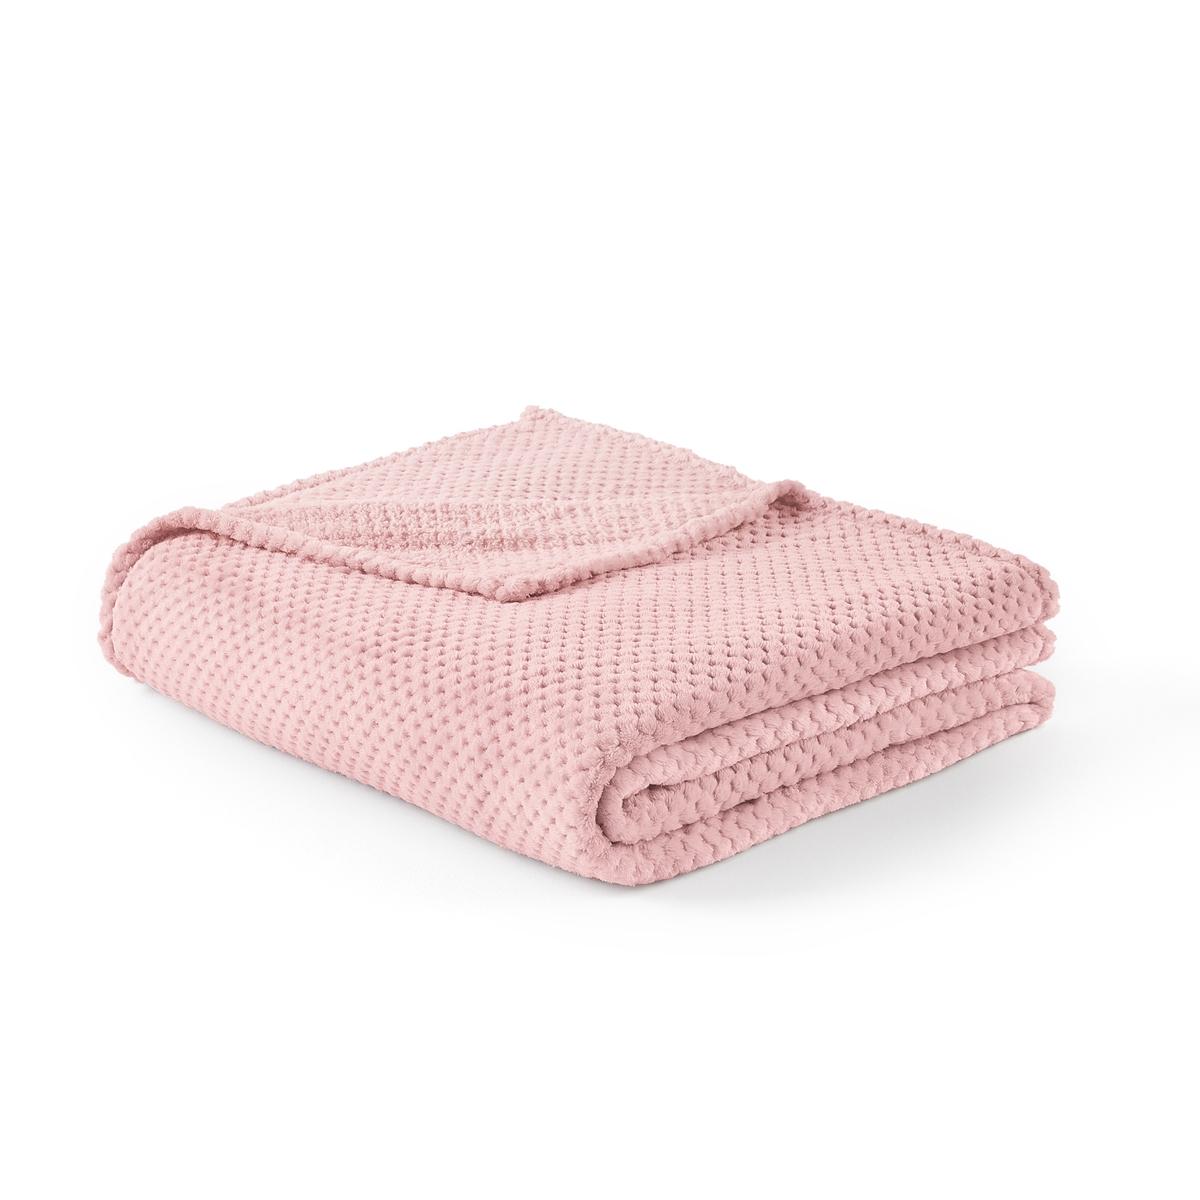 цена Покрывало La Redoute PUNTOS 240 x 220 см розовый онлайн в 2017 году